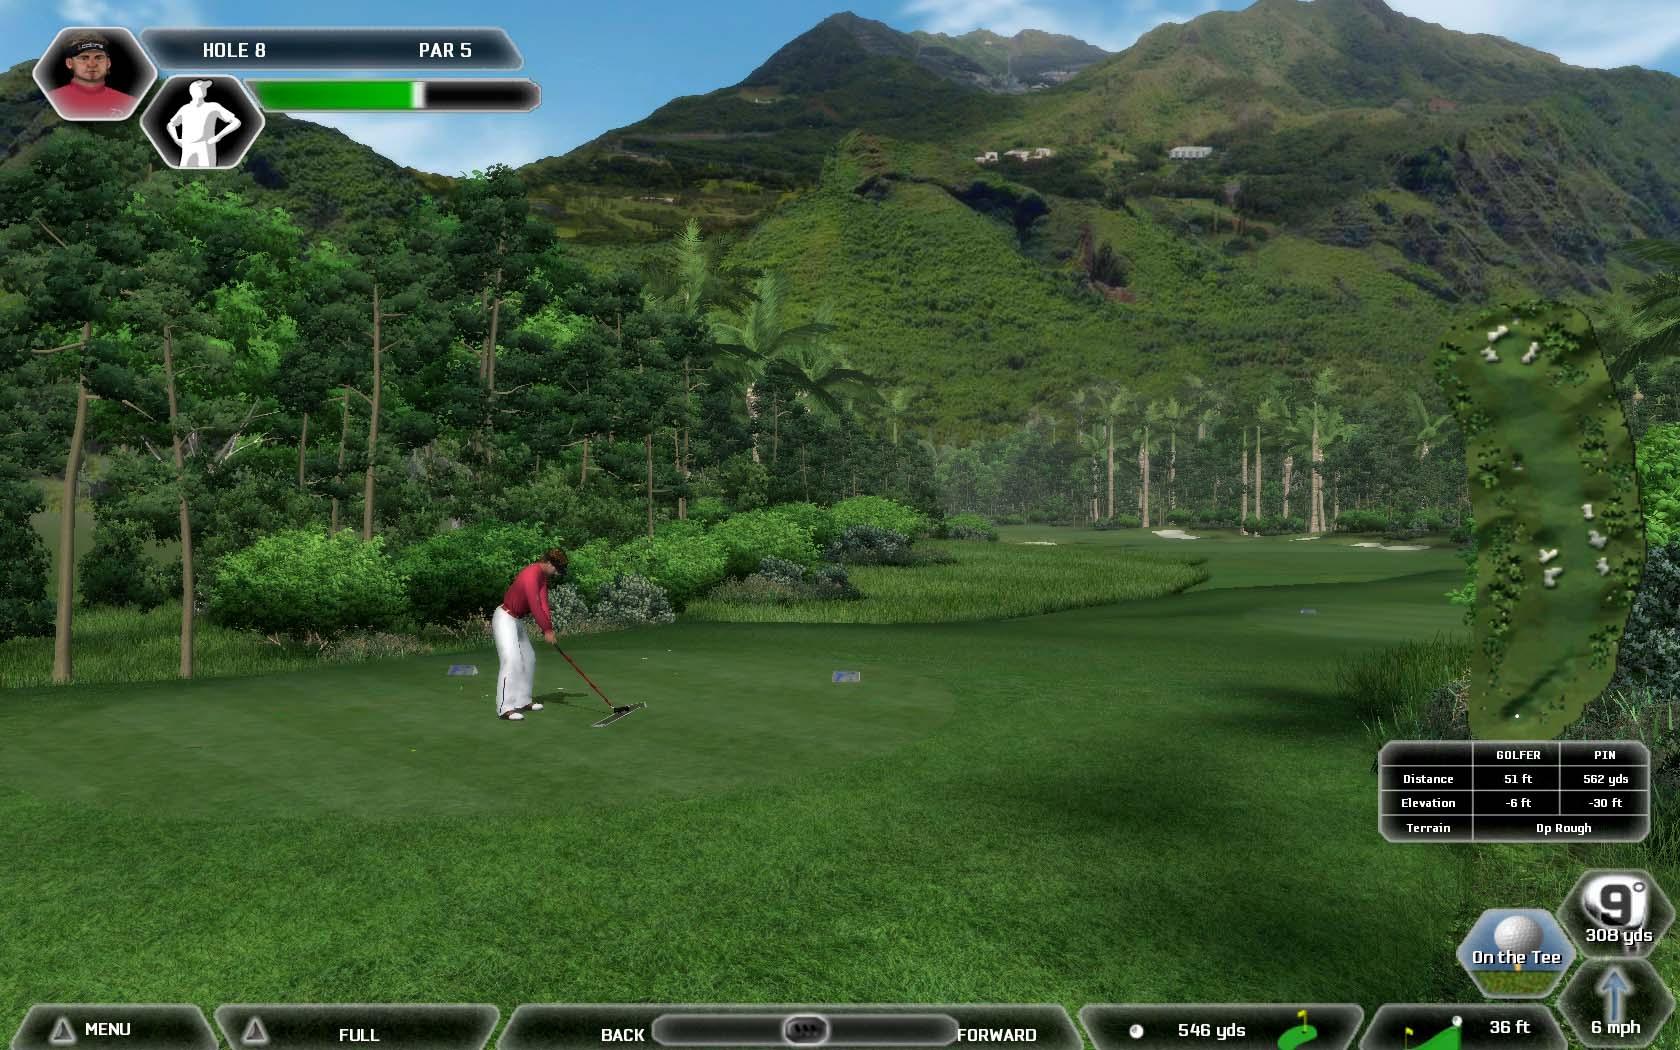 Tiger Woods Pga Tour 2008 Pictures Of Mauna Kea Hawaii